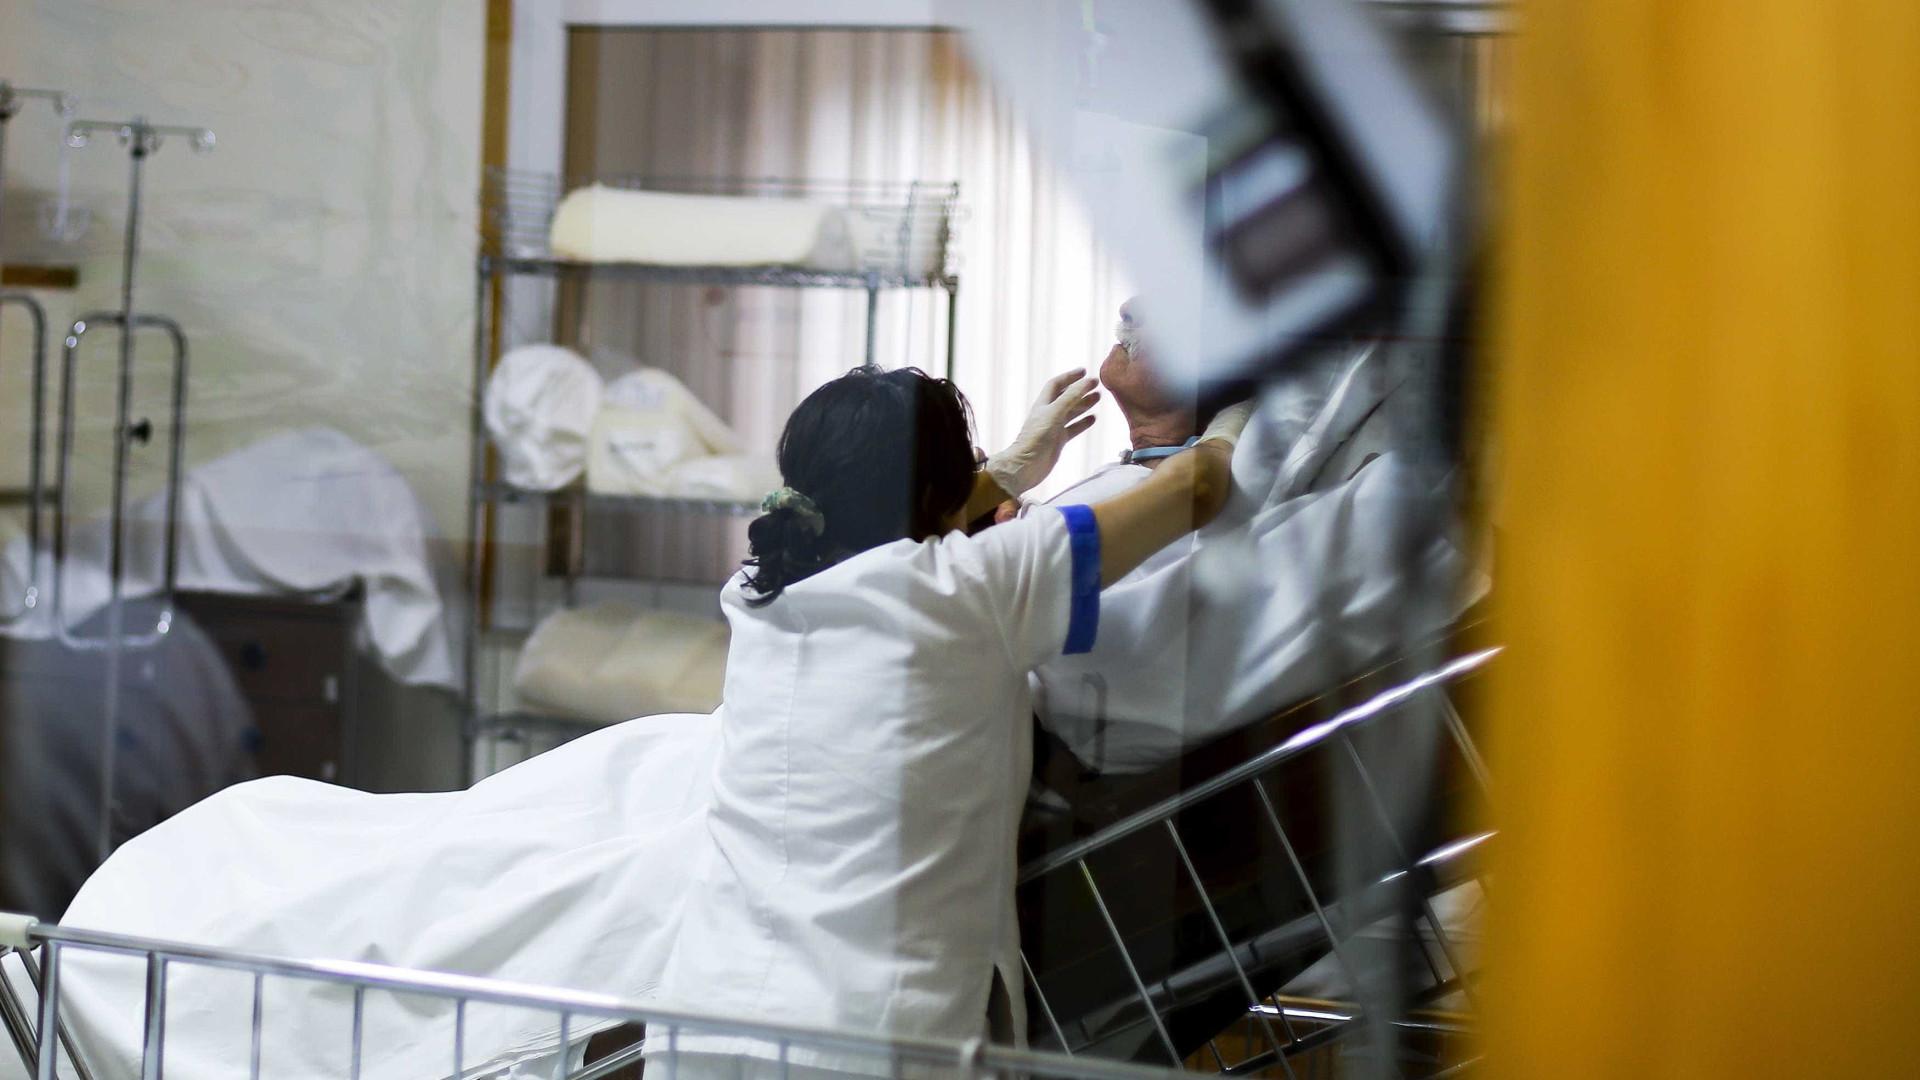 Parlamento da Madeira insiste na inclusão do novo hospital no OE2017